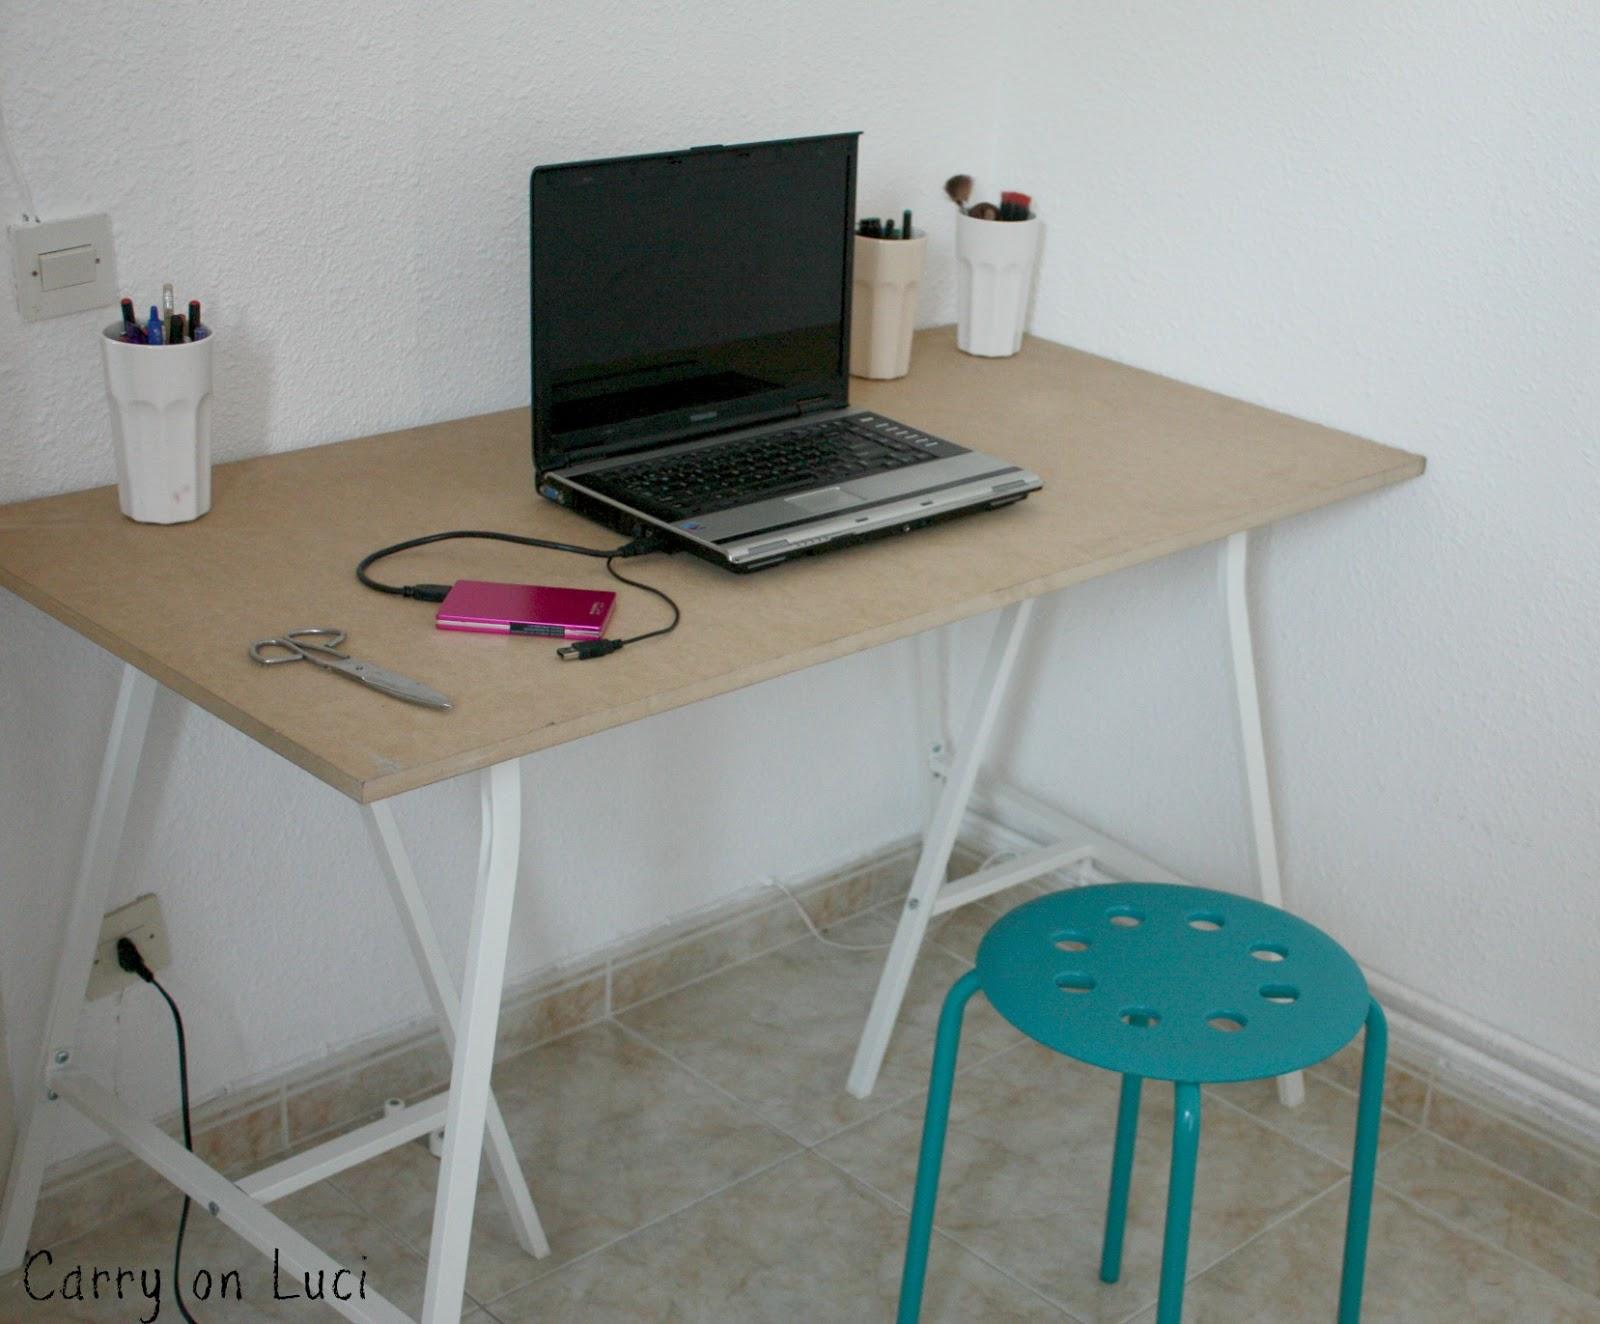 Carry on luci diy customizar mesa de escritorio for Mesa caballete ikea